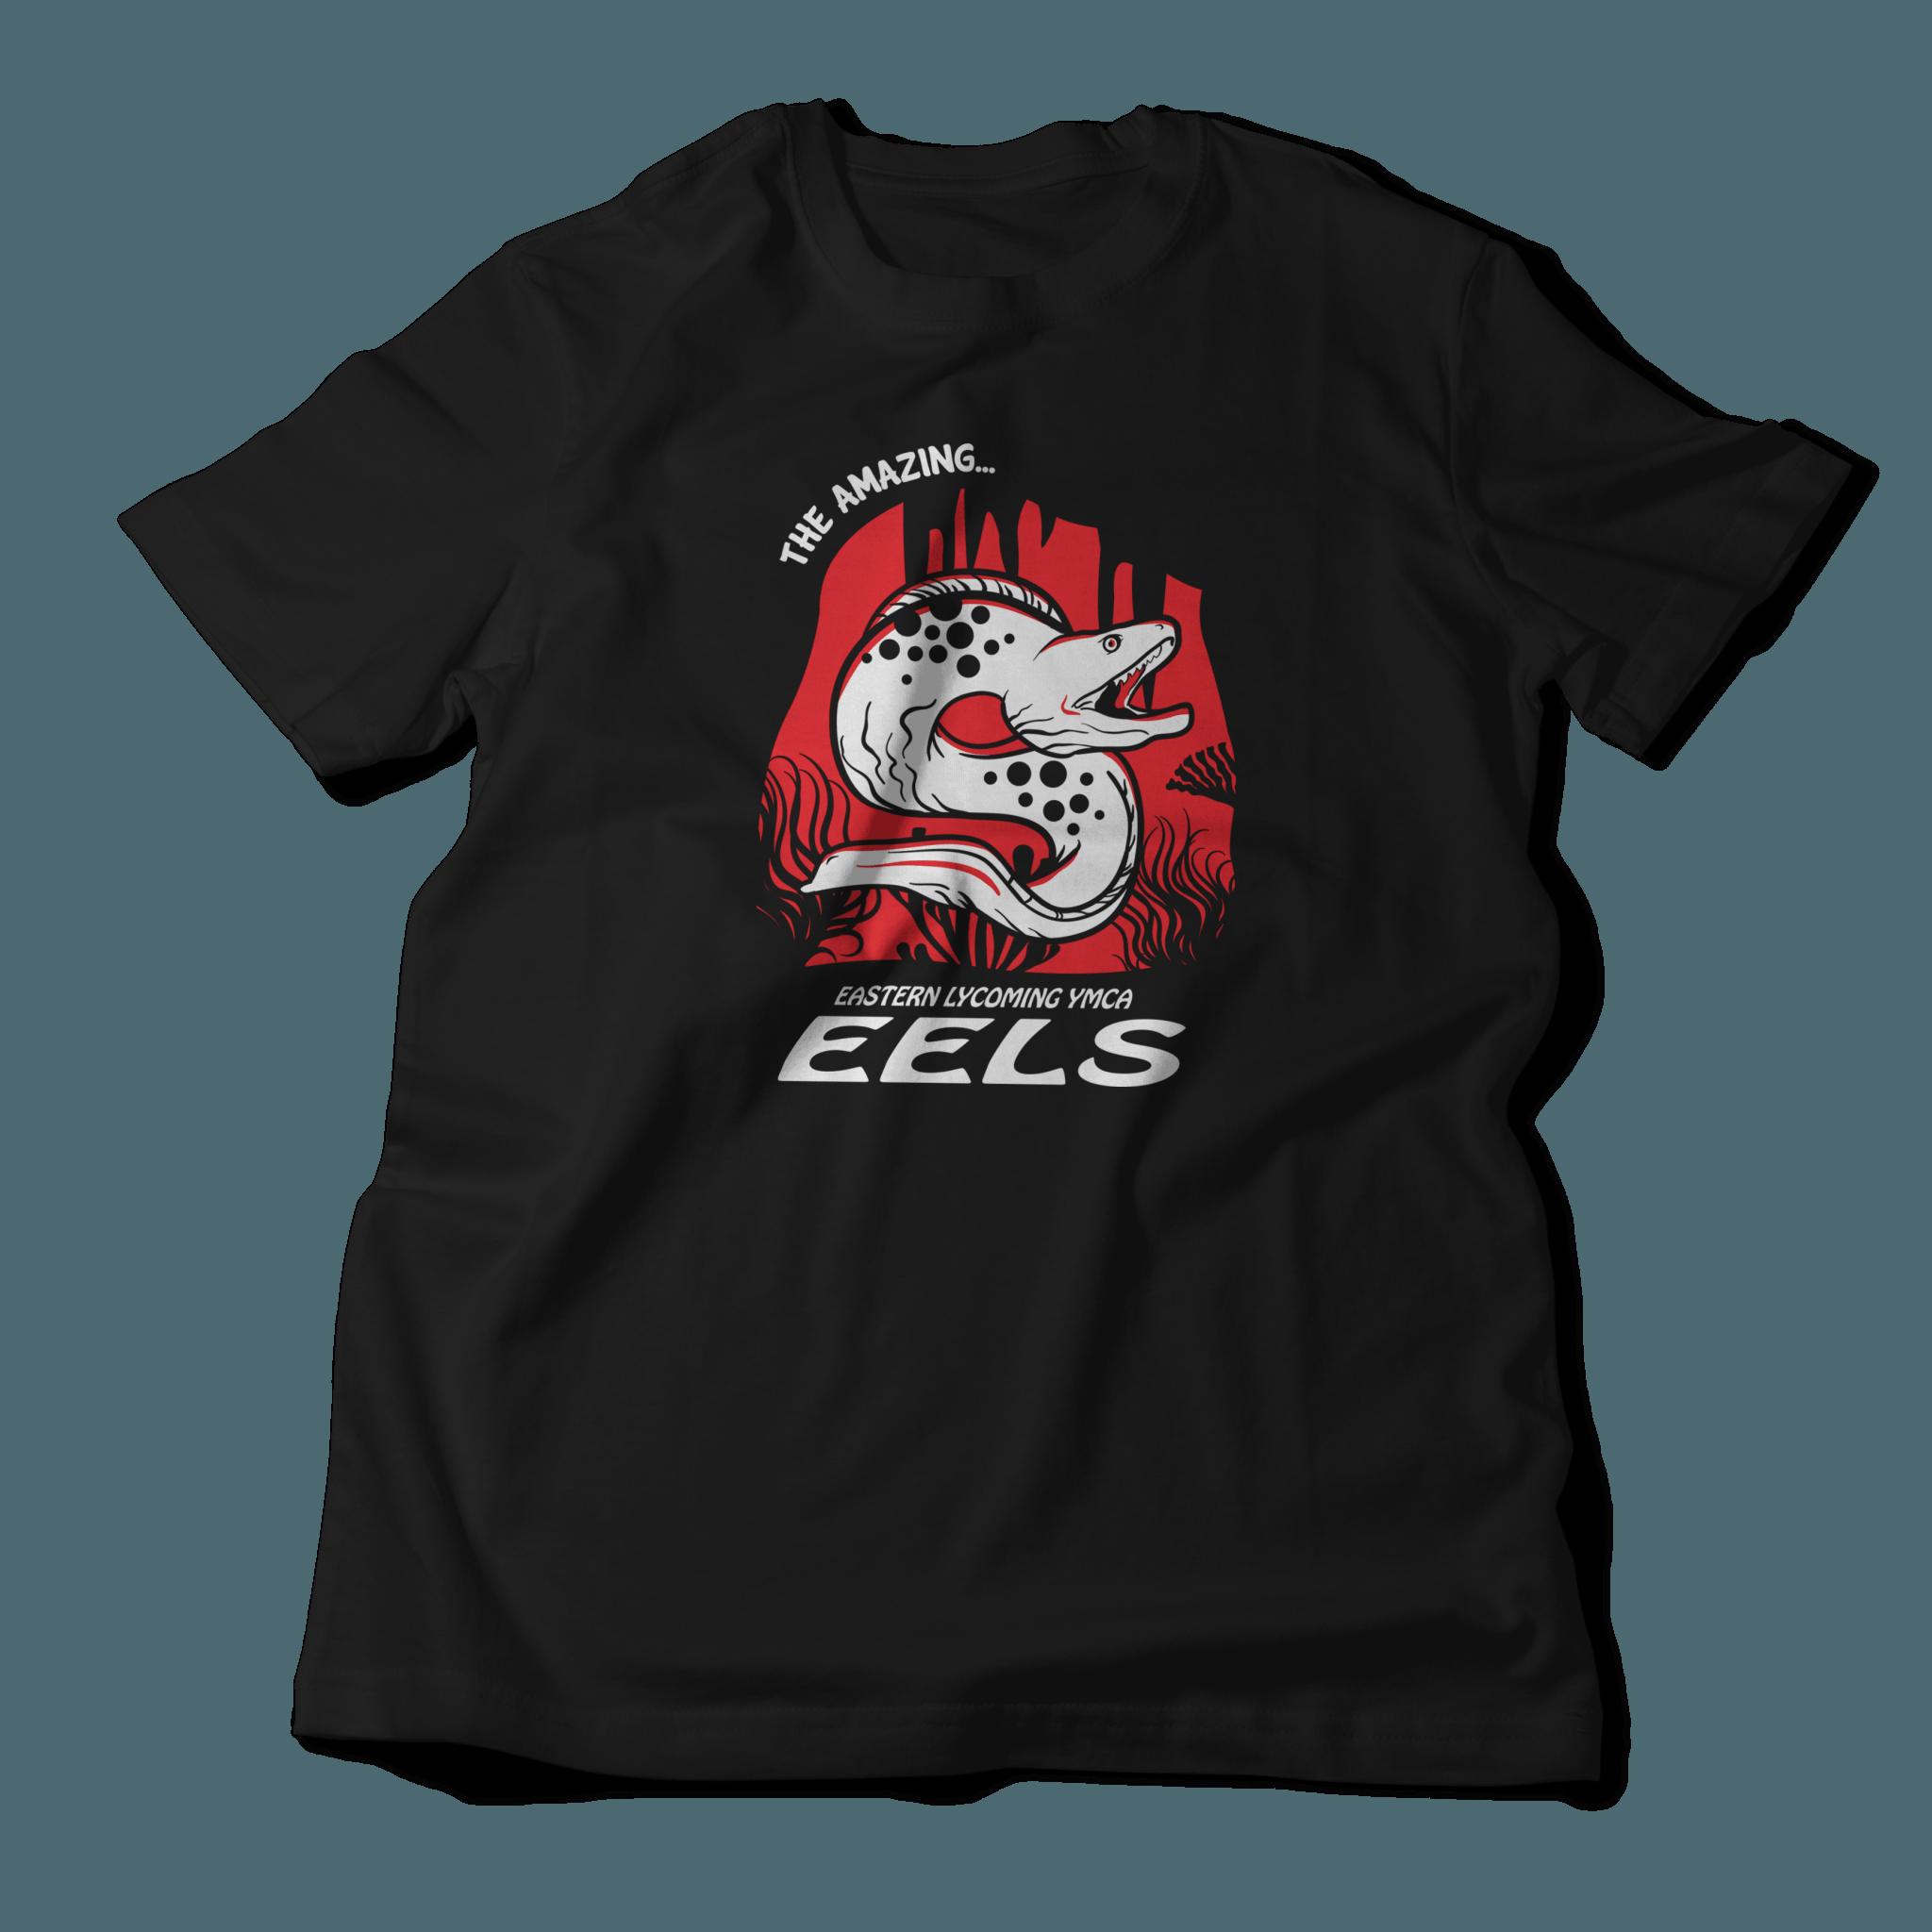 Tshirt_Eels